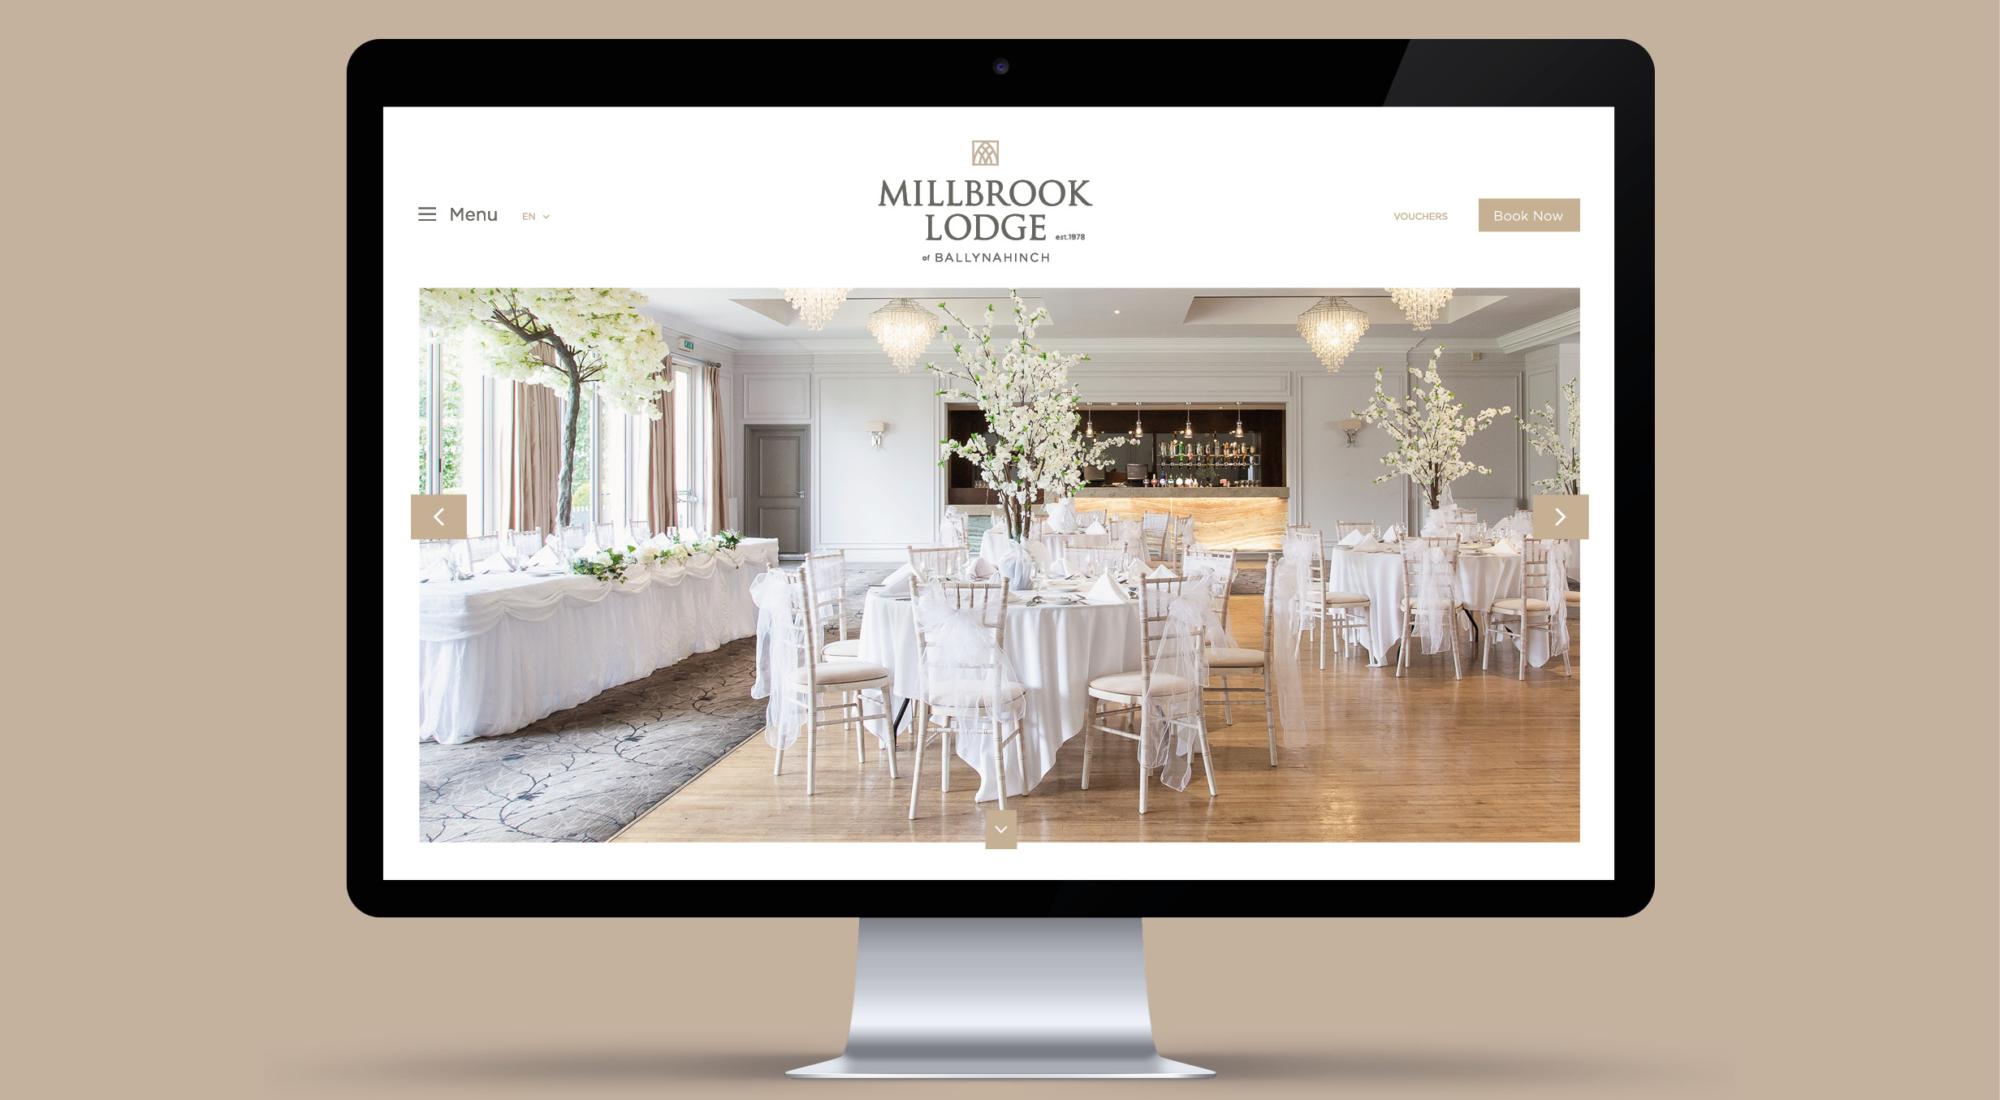 https://alanjacksondesign.co.uk/wp-content/uploads/2021/09/millbrook-lodge-hotel-img3.jpg